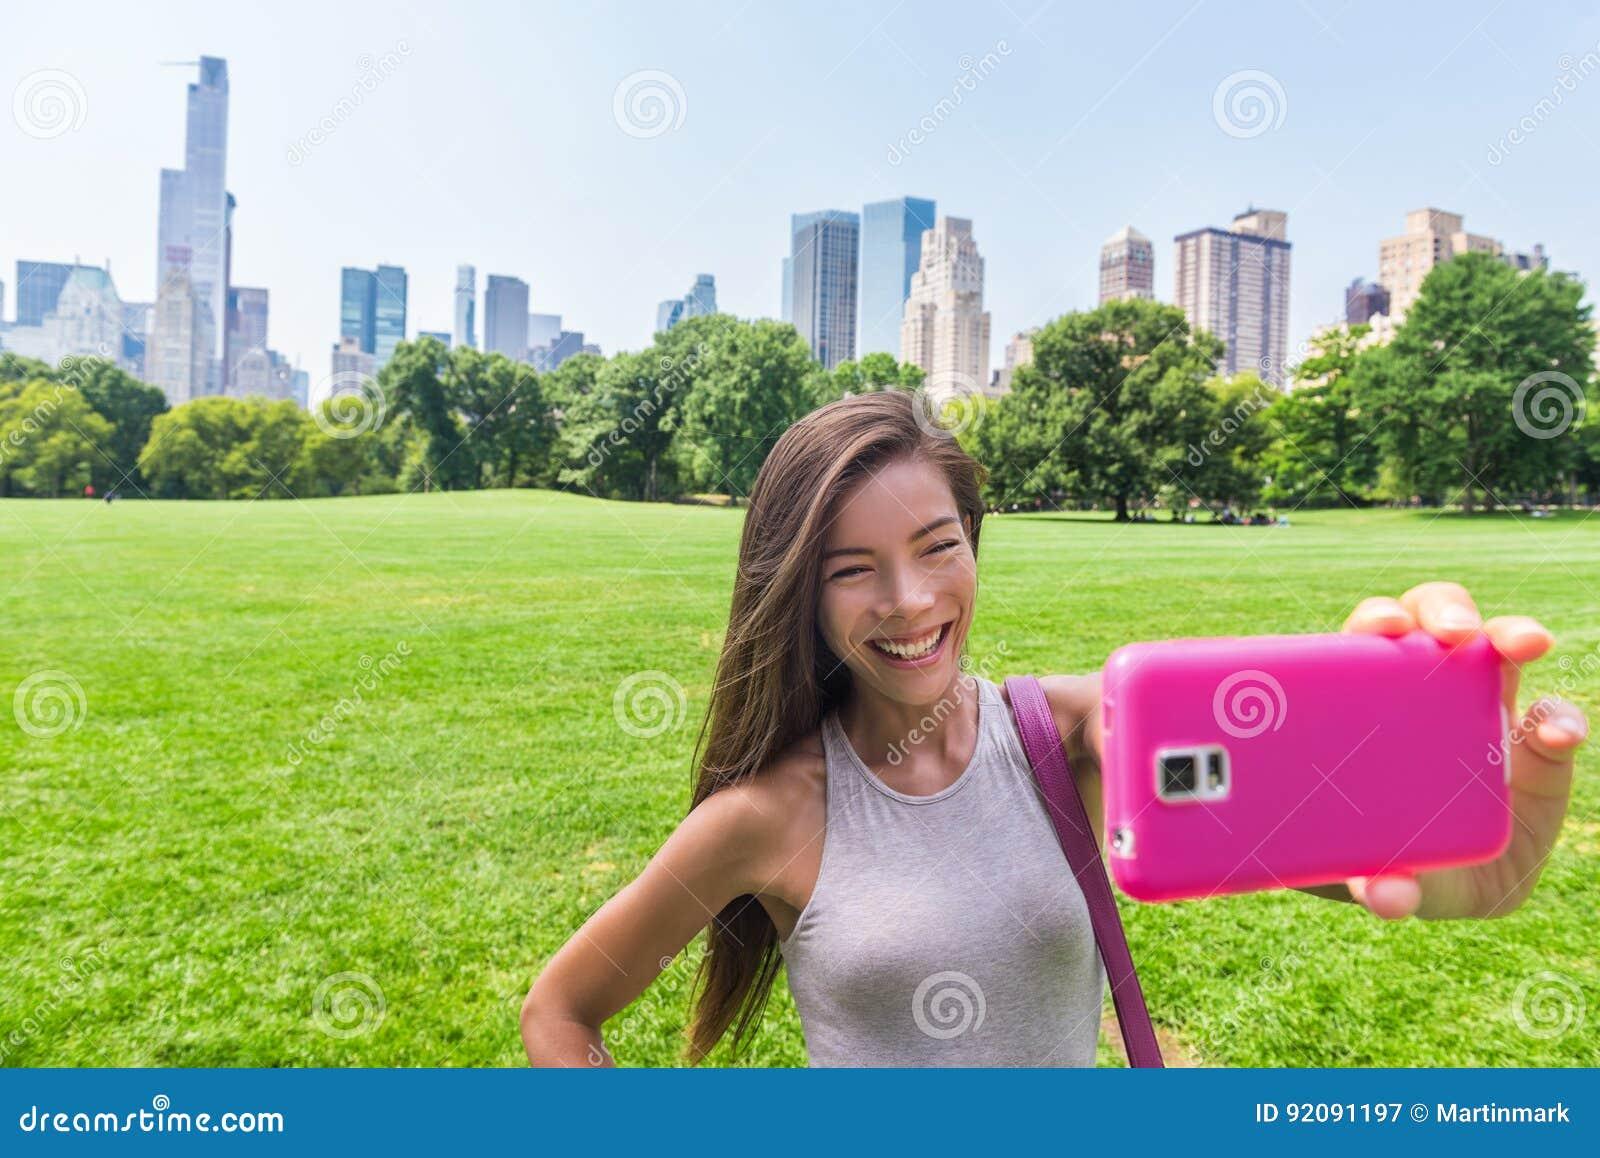 Asiatin, die Telefon selfie in New York City nimmt